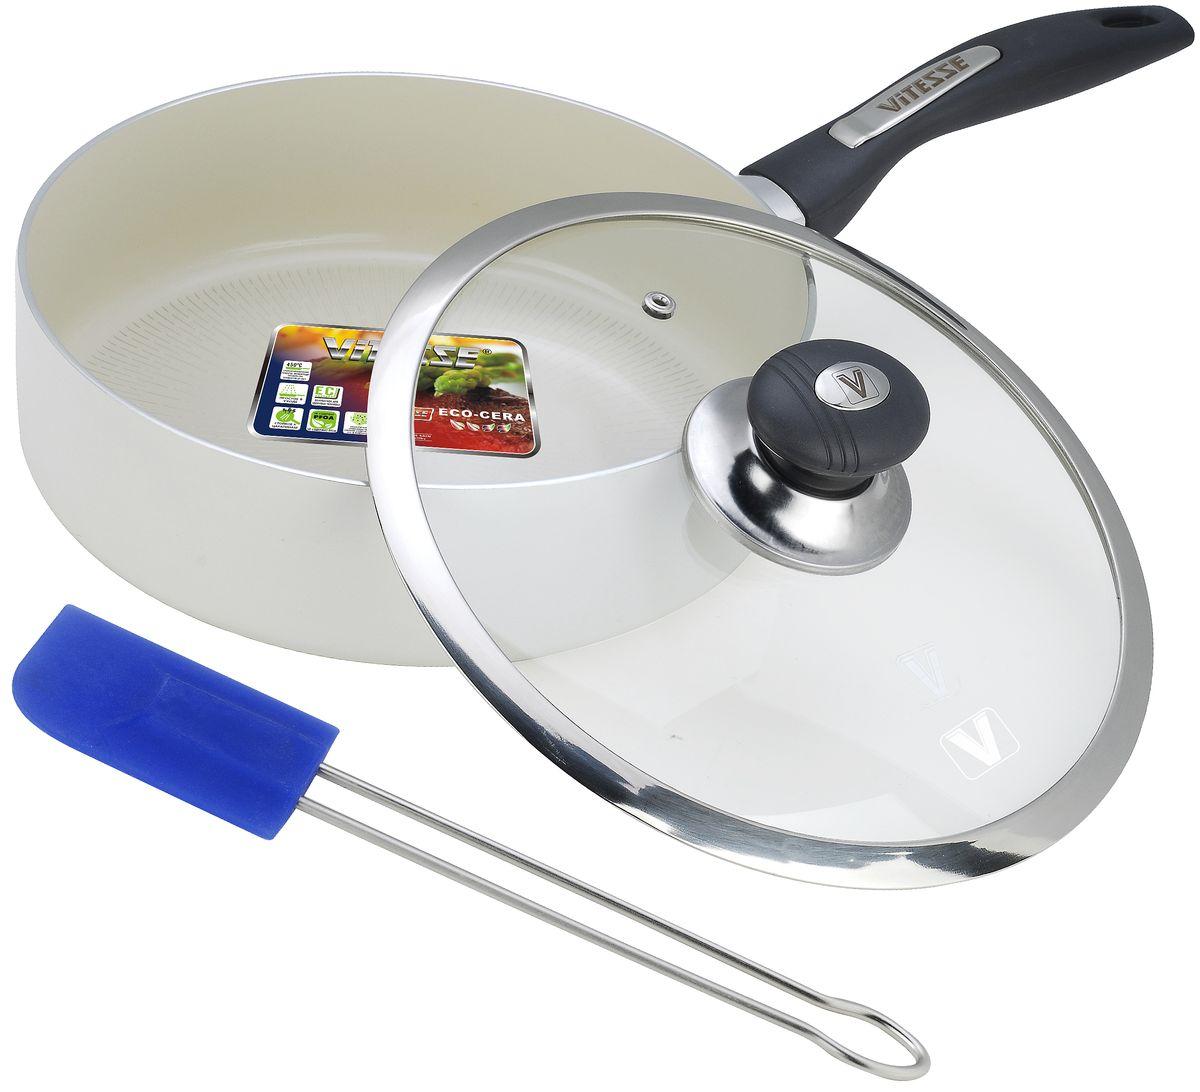 Сковорода Vitesse с крышкой, с антипригарным покрытием, с лопаткой. Диаметр 24 смVS-2202Сотейник Vitesse изготовлен из высококачественного литого алюминия с антипригарным покрытием. Изделие равномерно нагревается и быстро доводит блюда до готовности. Пища не пригорает и не липнет к поверхности, блюда получаются с аппетитной корочкой, ароматными и вкусными. Высокопрочные бакелитовые ручки не нагреваются во время готовки. Крышка выполнена из жаропрочного стекла, снабжена пластиковой ручкой, пароотводом и металлическим ободом. В комплект входит силиконовая лопатка.Изделие подходит для всех типов плит, кроме индукционных. Можно мыть в посудомоечной машине. Диаметр (по верхнему краю): 24 см. Высота стенки: 6,5 см. Толщина стенки: 2,5 мм. Толщина дна: 2,5 мм. Длина ручки: 19 см.Размер лопатки: 25,5 см.Размер рабочей части лопатки: 5 х 1 см.